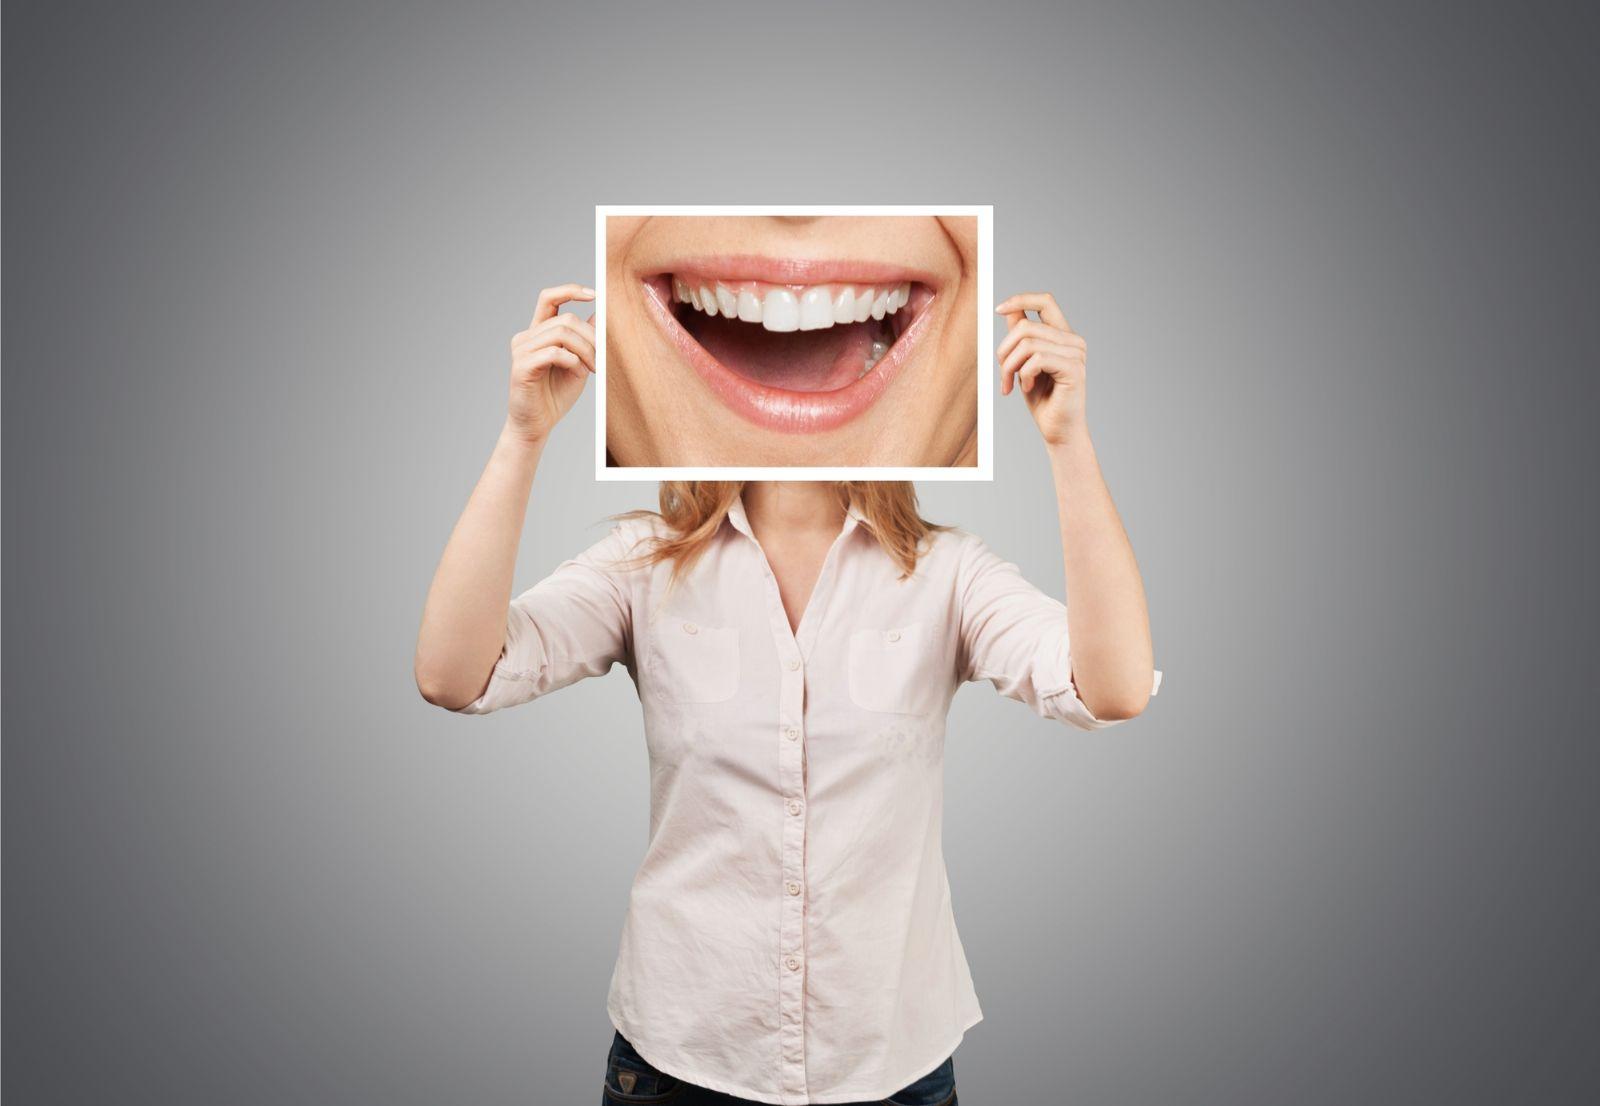 מי מטפל בשיניים שלכם?